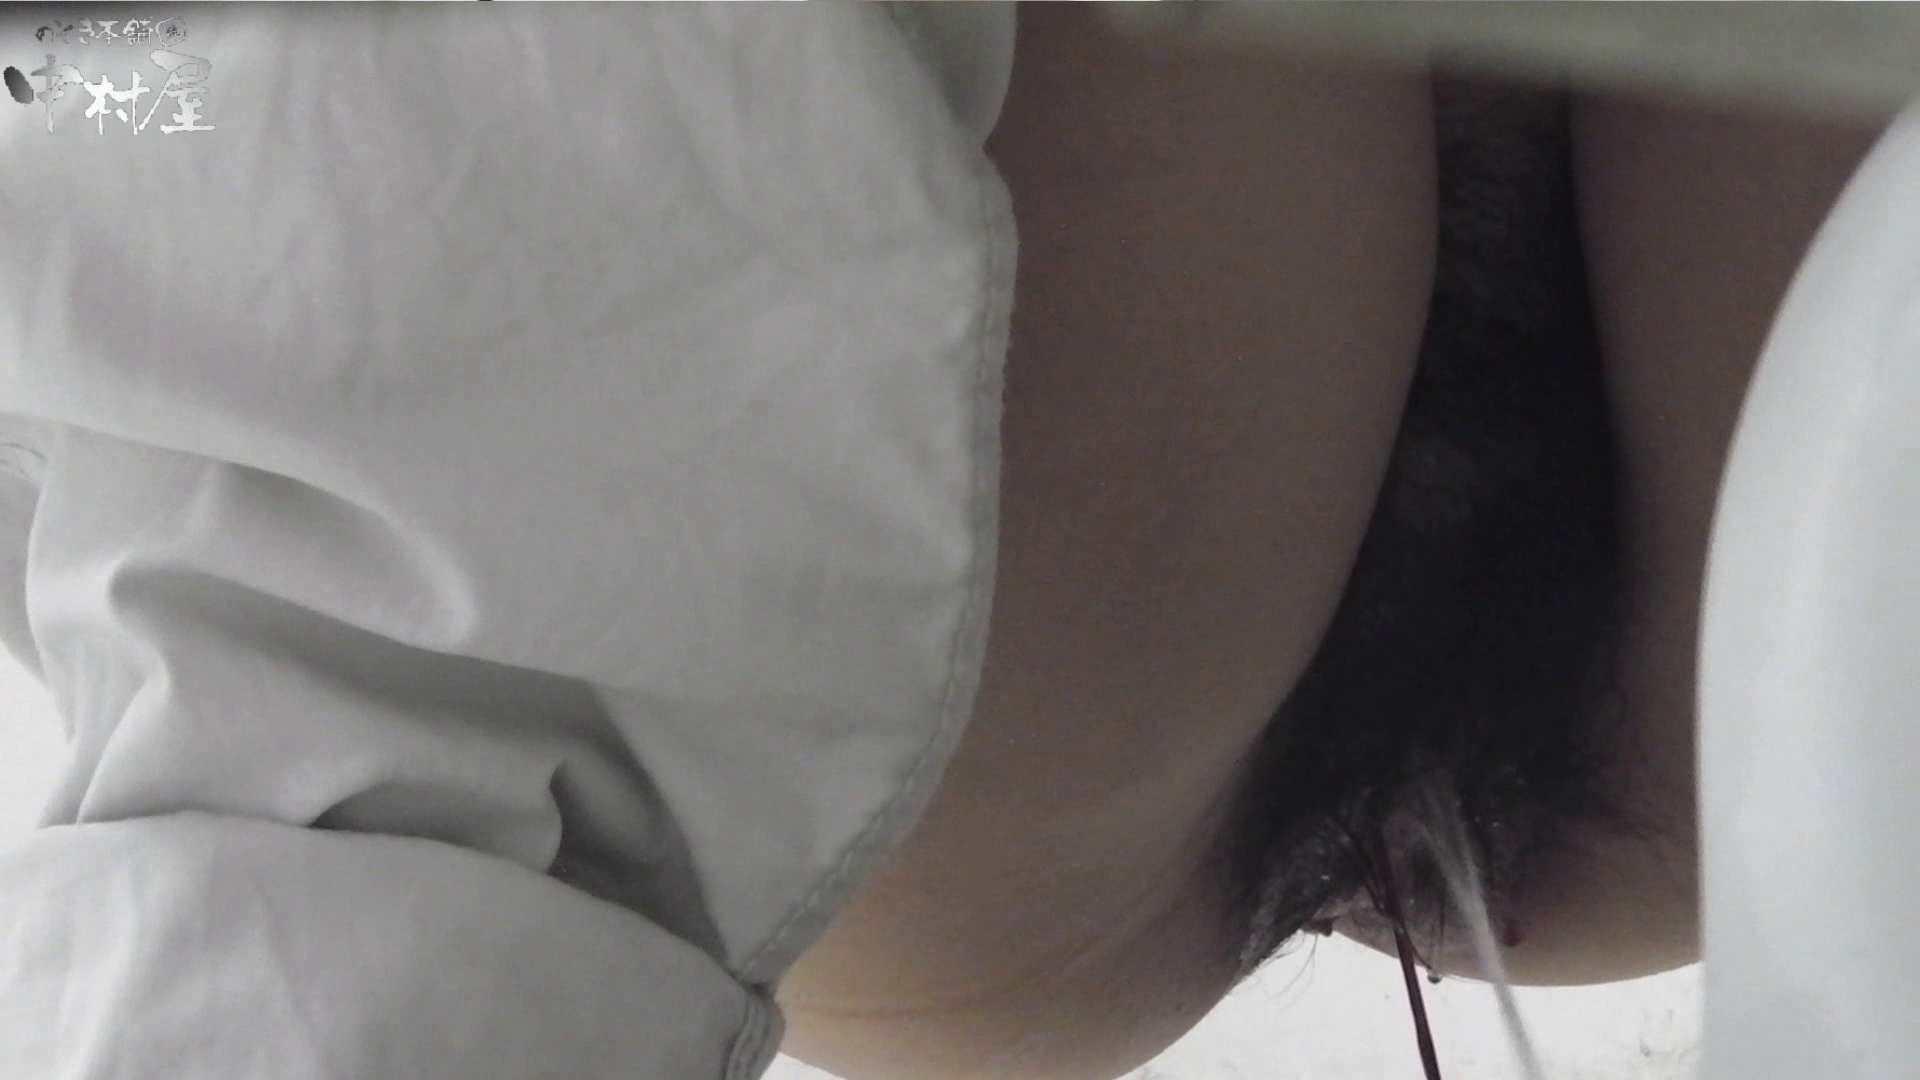 vol.38 命がけ潜伏洗面所! 巨乳さん・固め・推定200g 洗面所編 AV無料動画キャプチャ 88PIX 39